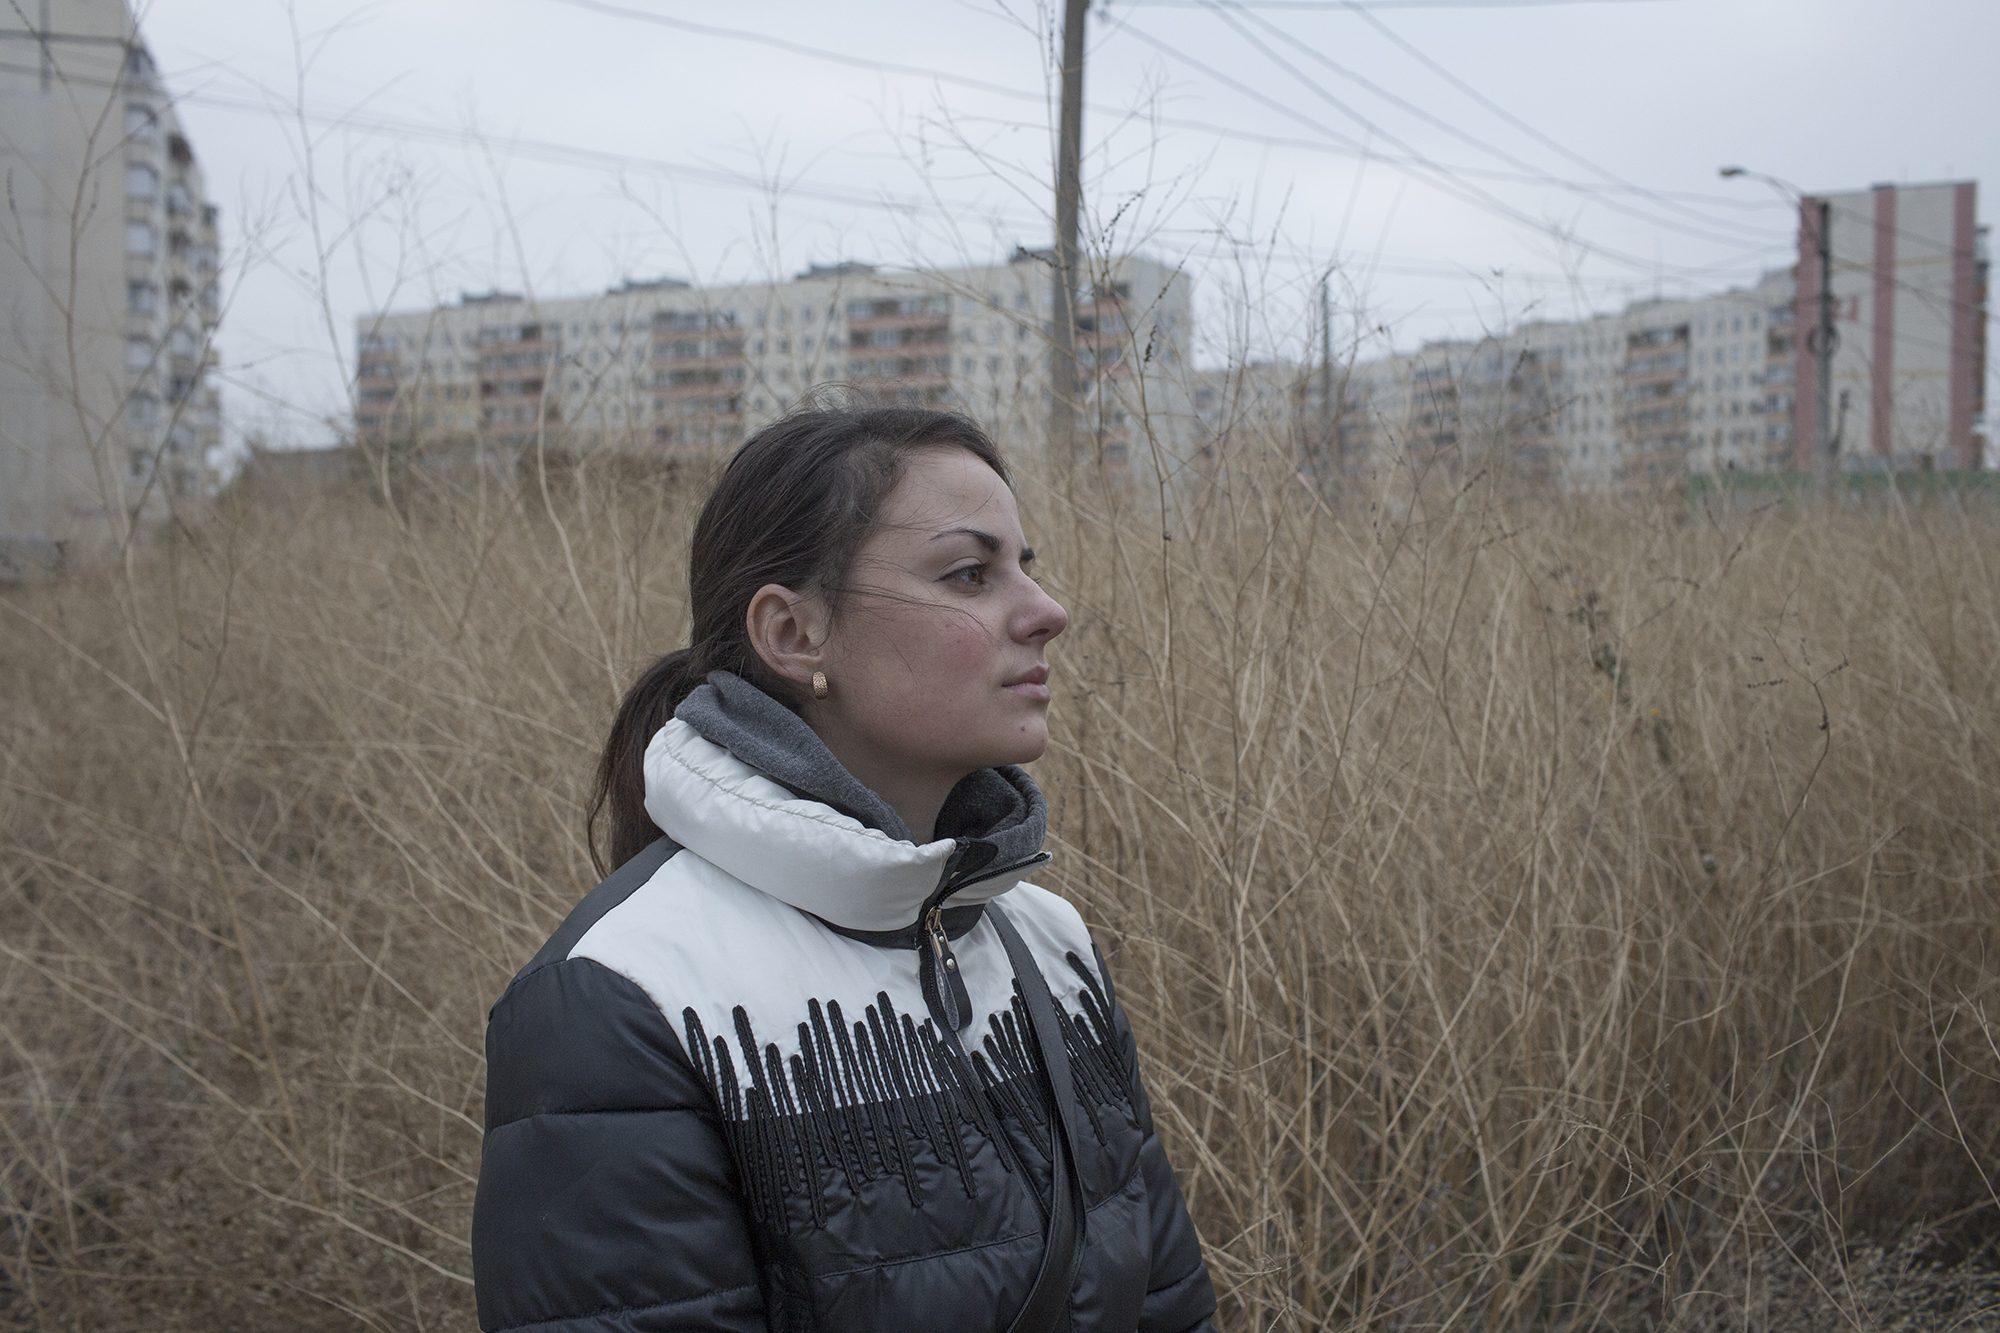 Fisheye Magazine | Entretien croisé sur le conflit en Ukraine